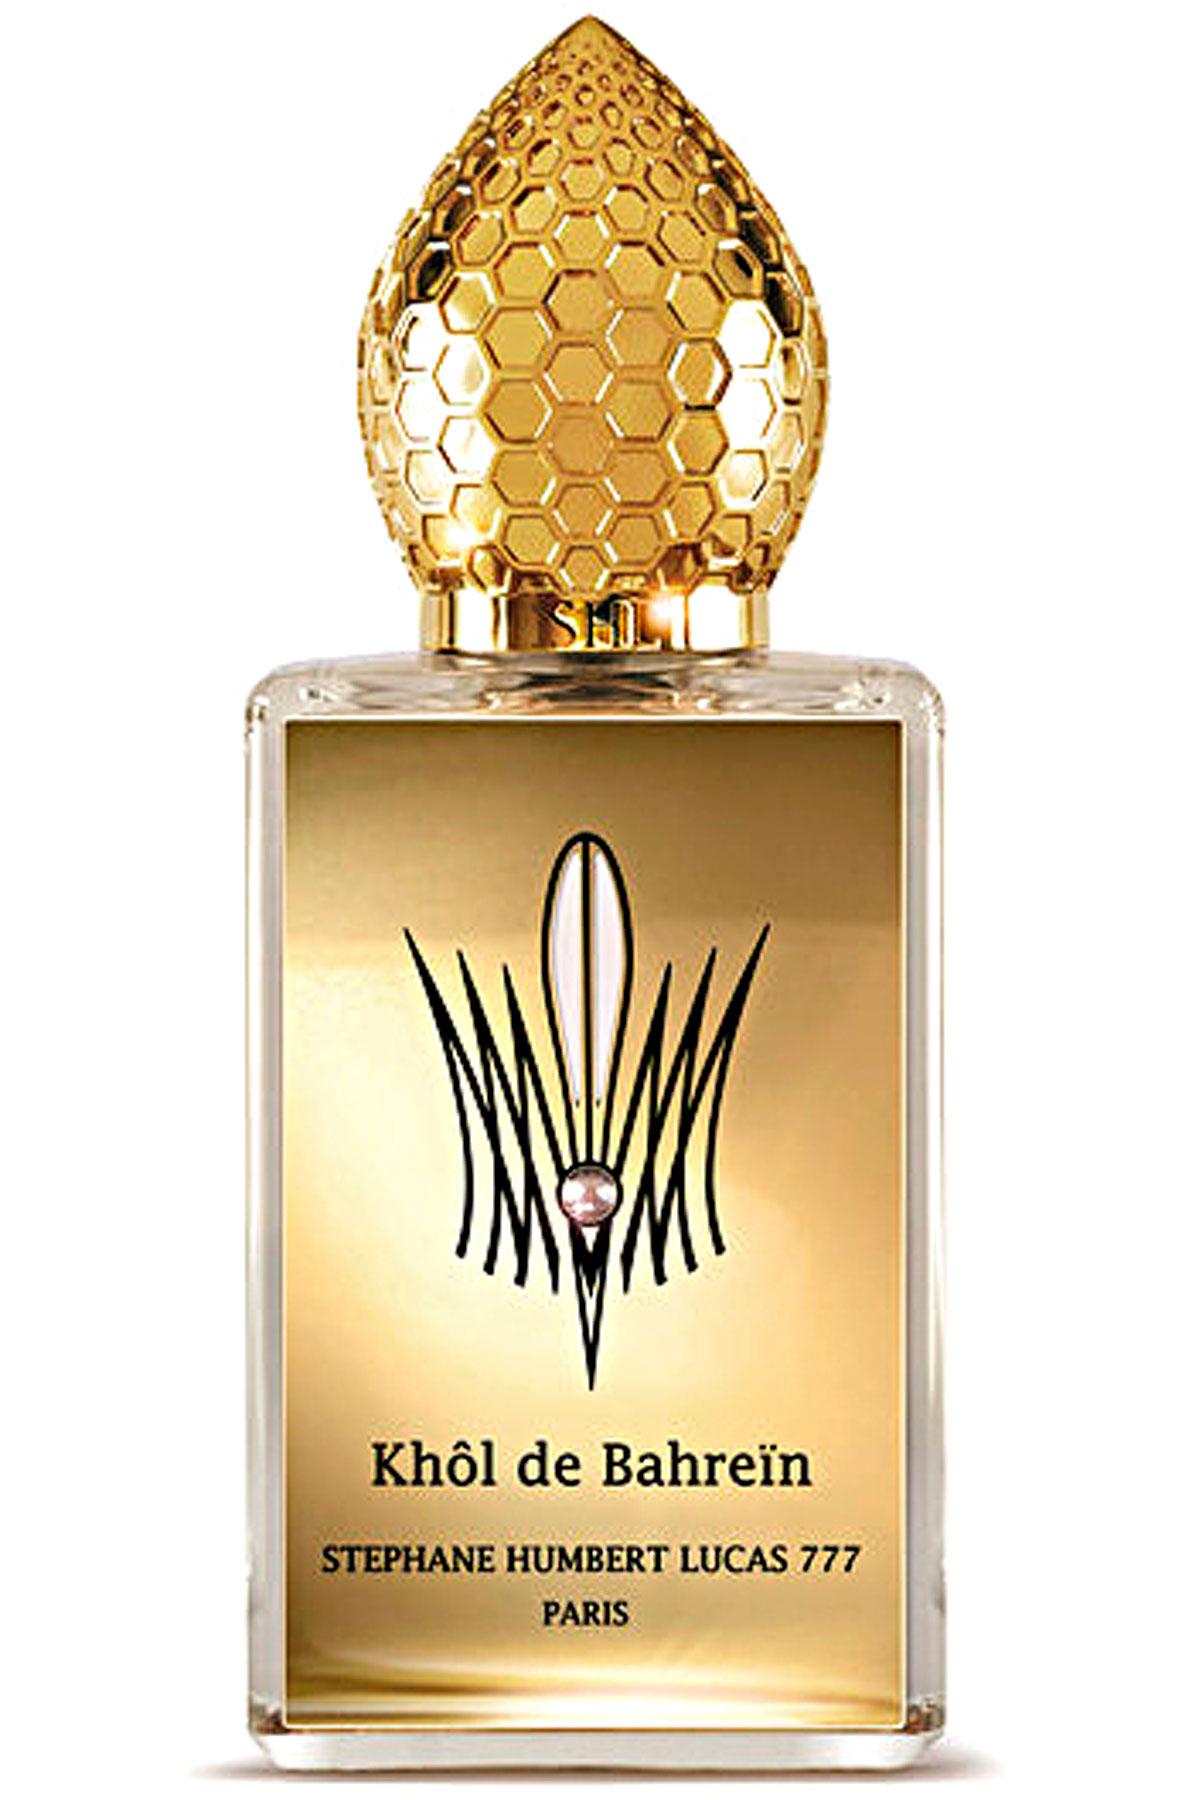 Stephane Humbert Lucas 777 Paris Fragrances for Men, Khol De Bahrein - Eau De Parfum - 50 Ml, 2019, 50 ml